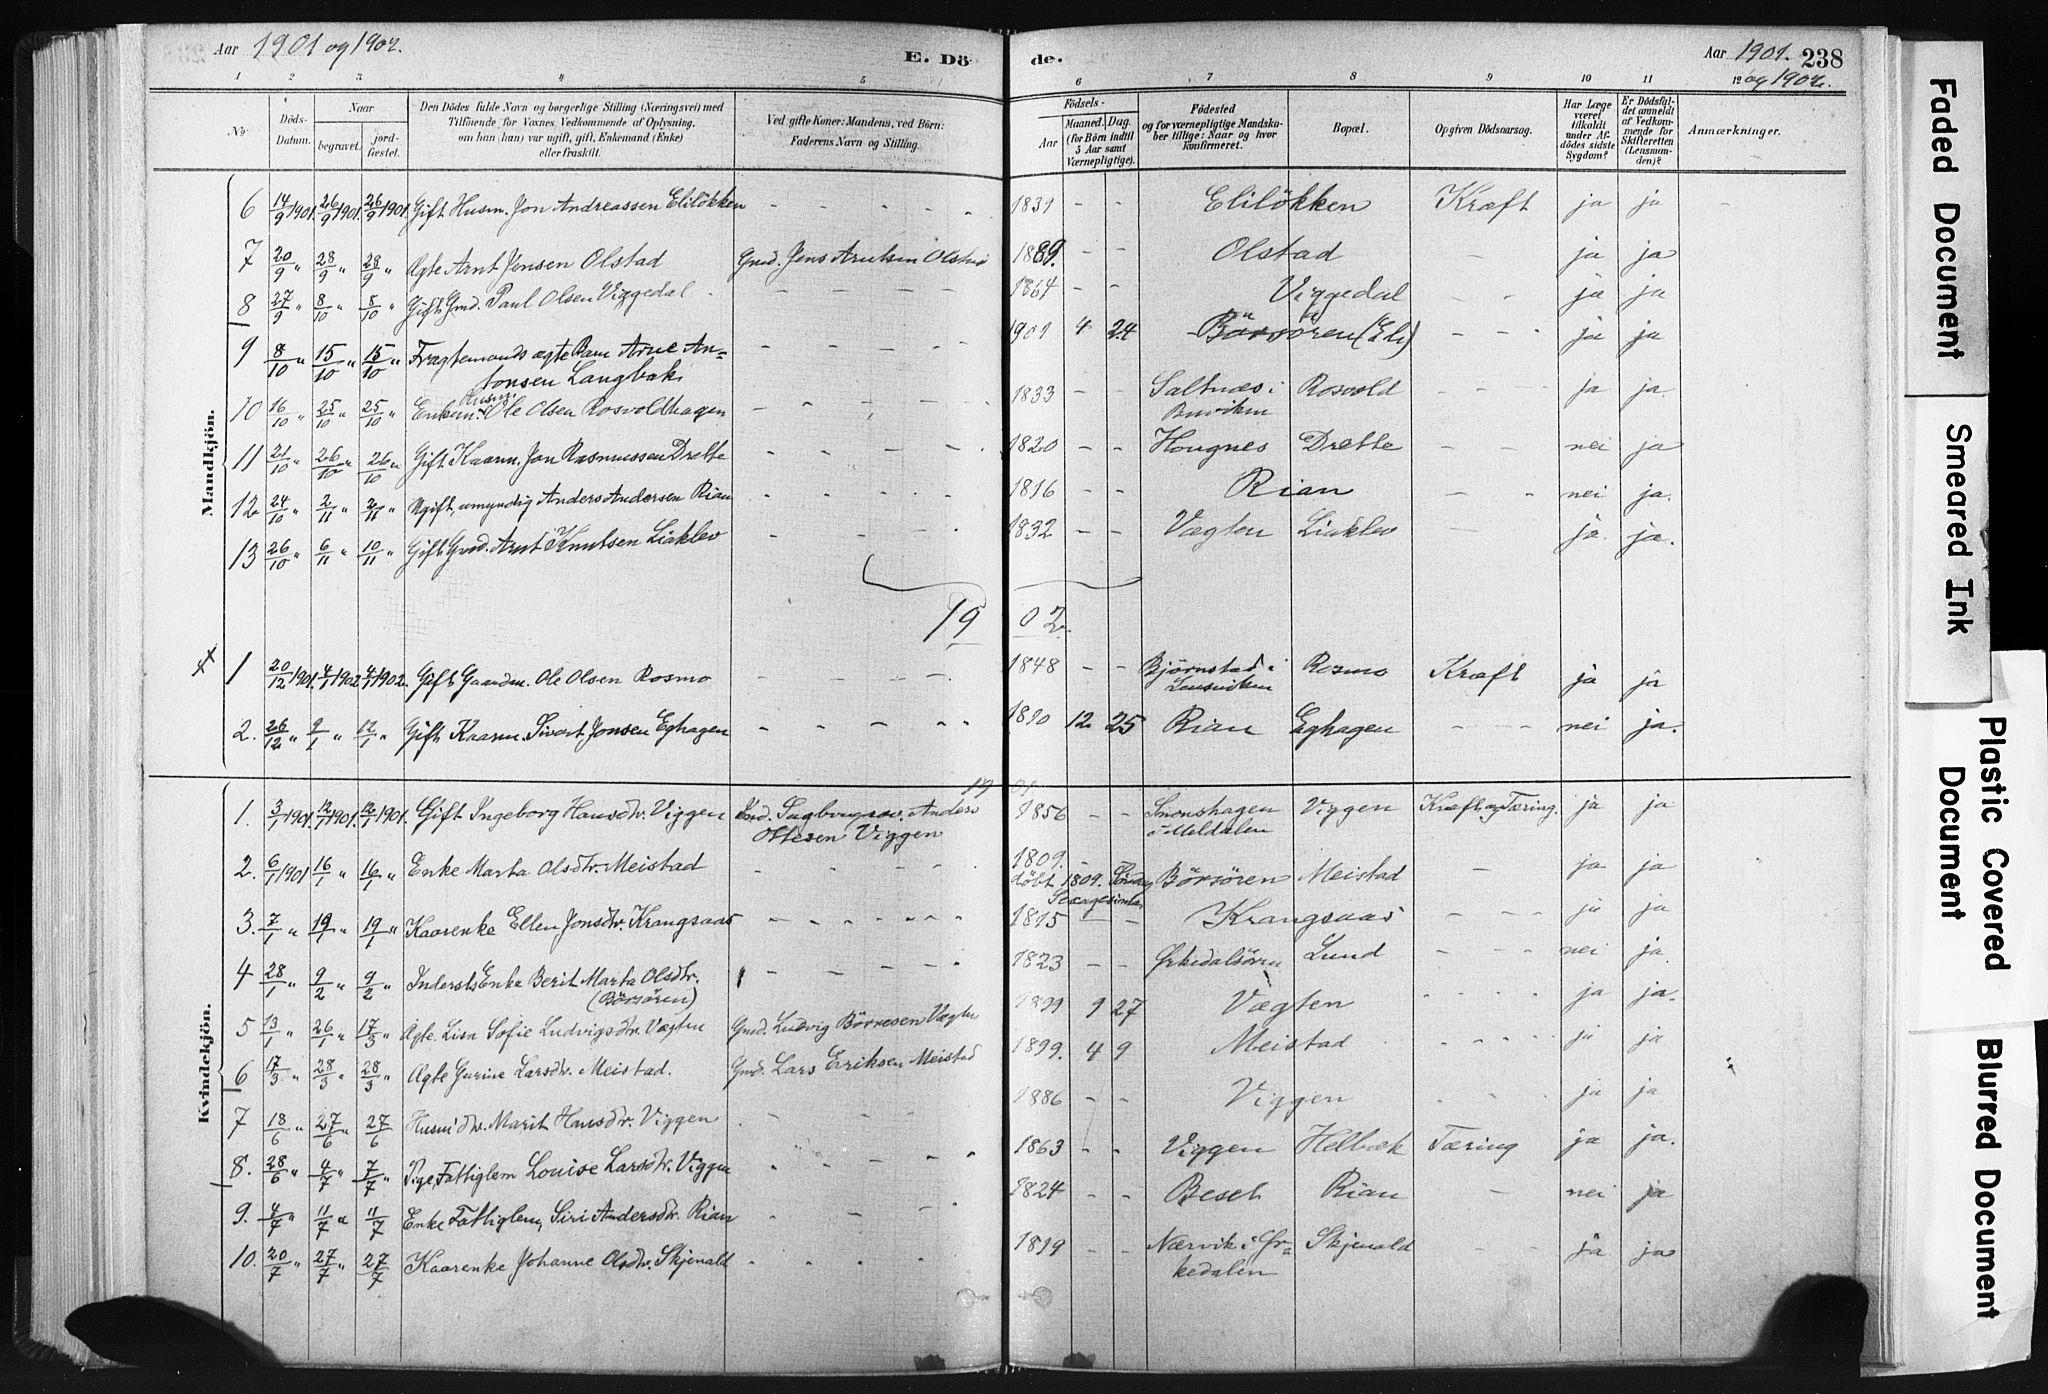 SAT, Ministerialprotokoller, klokkerbøker og fødselsregistre - Sør-Trøndelag, 665/L0773: Ministerialbok nr. 665A08, 1879-1905, s. 238